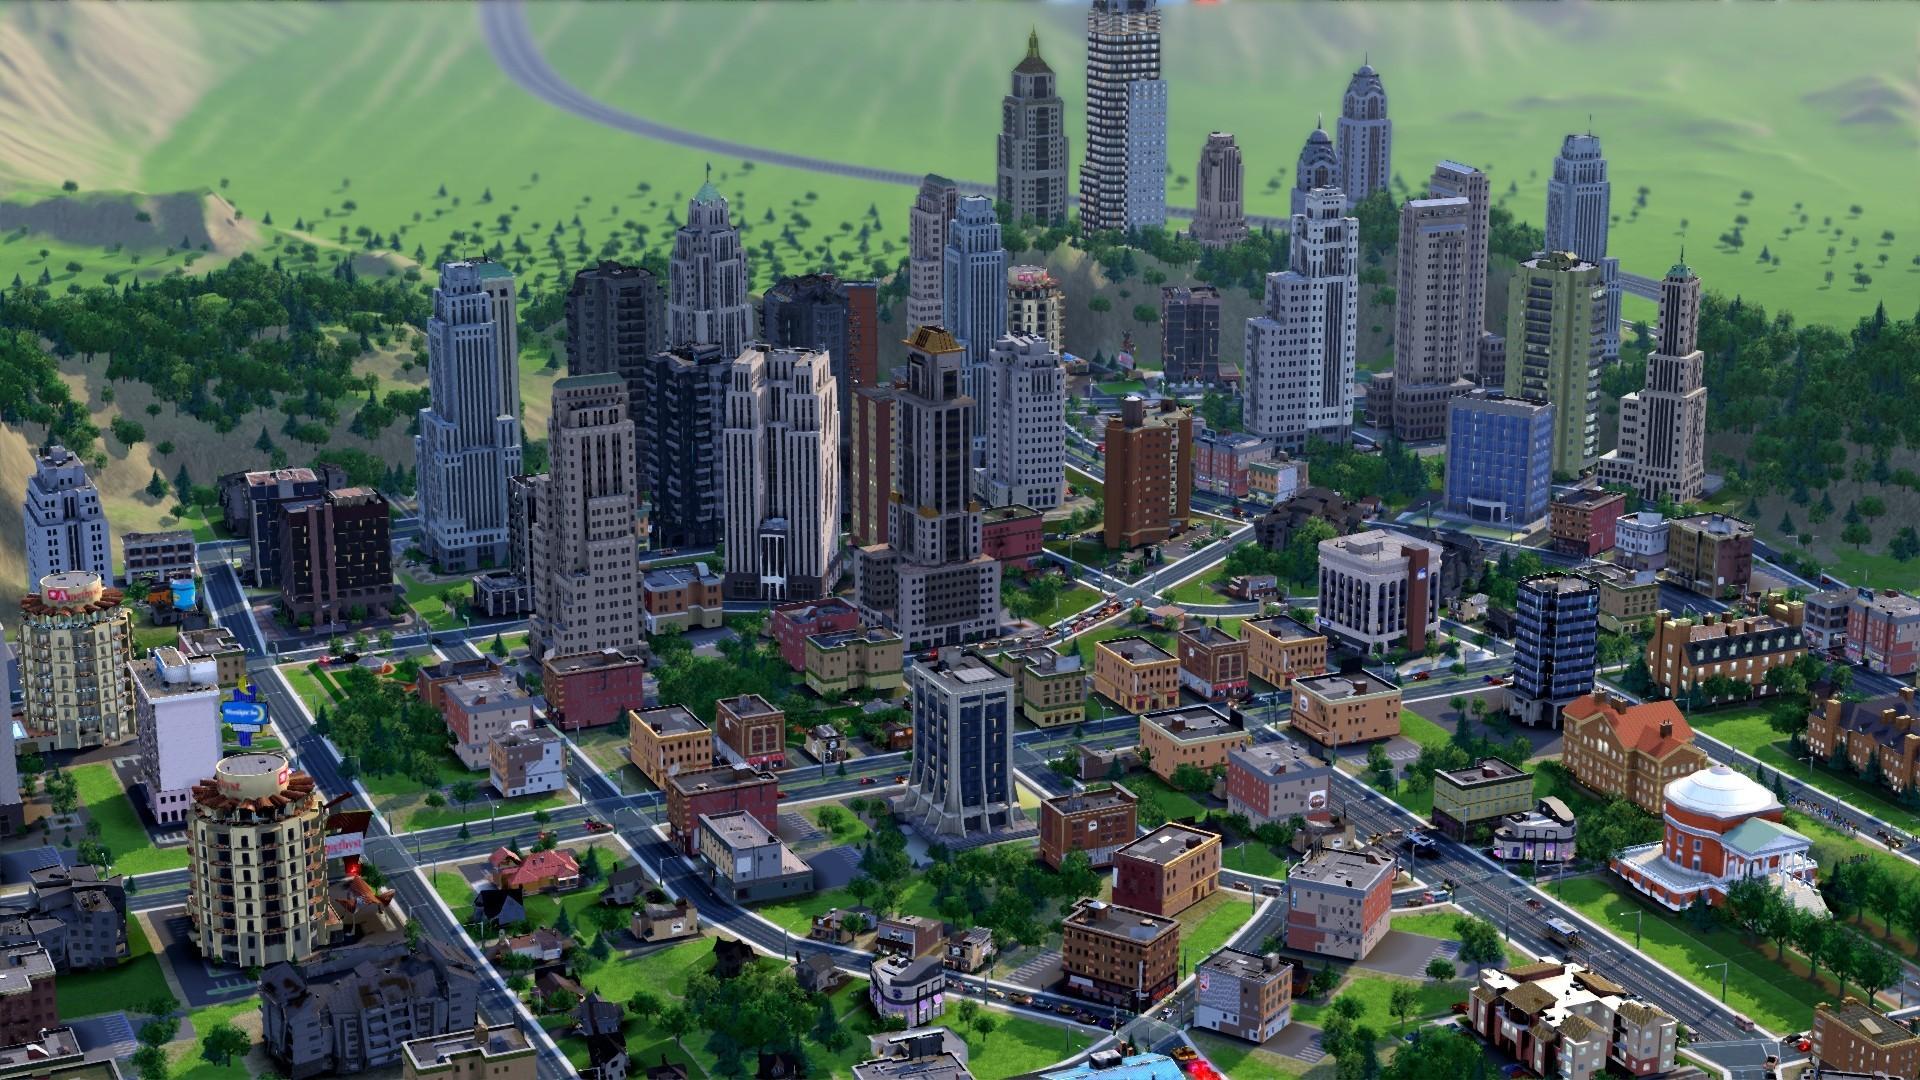 5 jogos de simulador clássicos e gratuitos que envolvem habilidades de engenharia | Lista 360